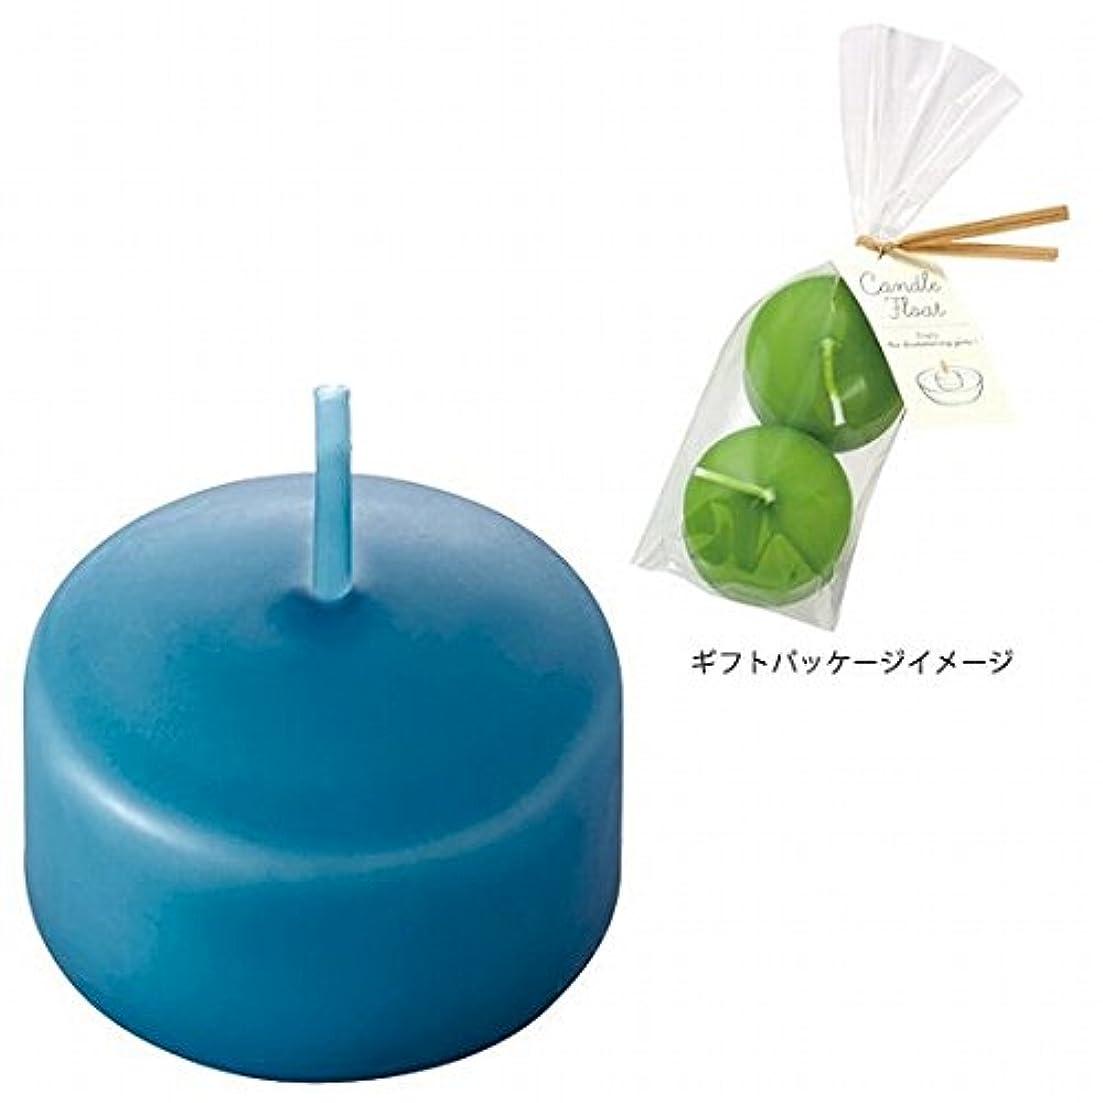 記念品ノート贈り物カメヤマキャンドル(kameyama candle) ハッピープール(2個入り) キャンドル 「コバルトブルー」